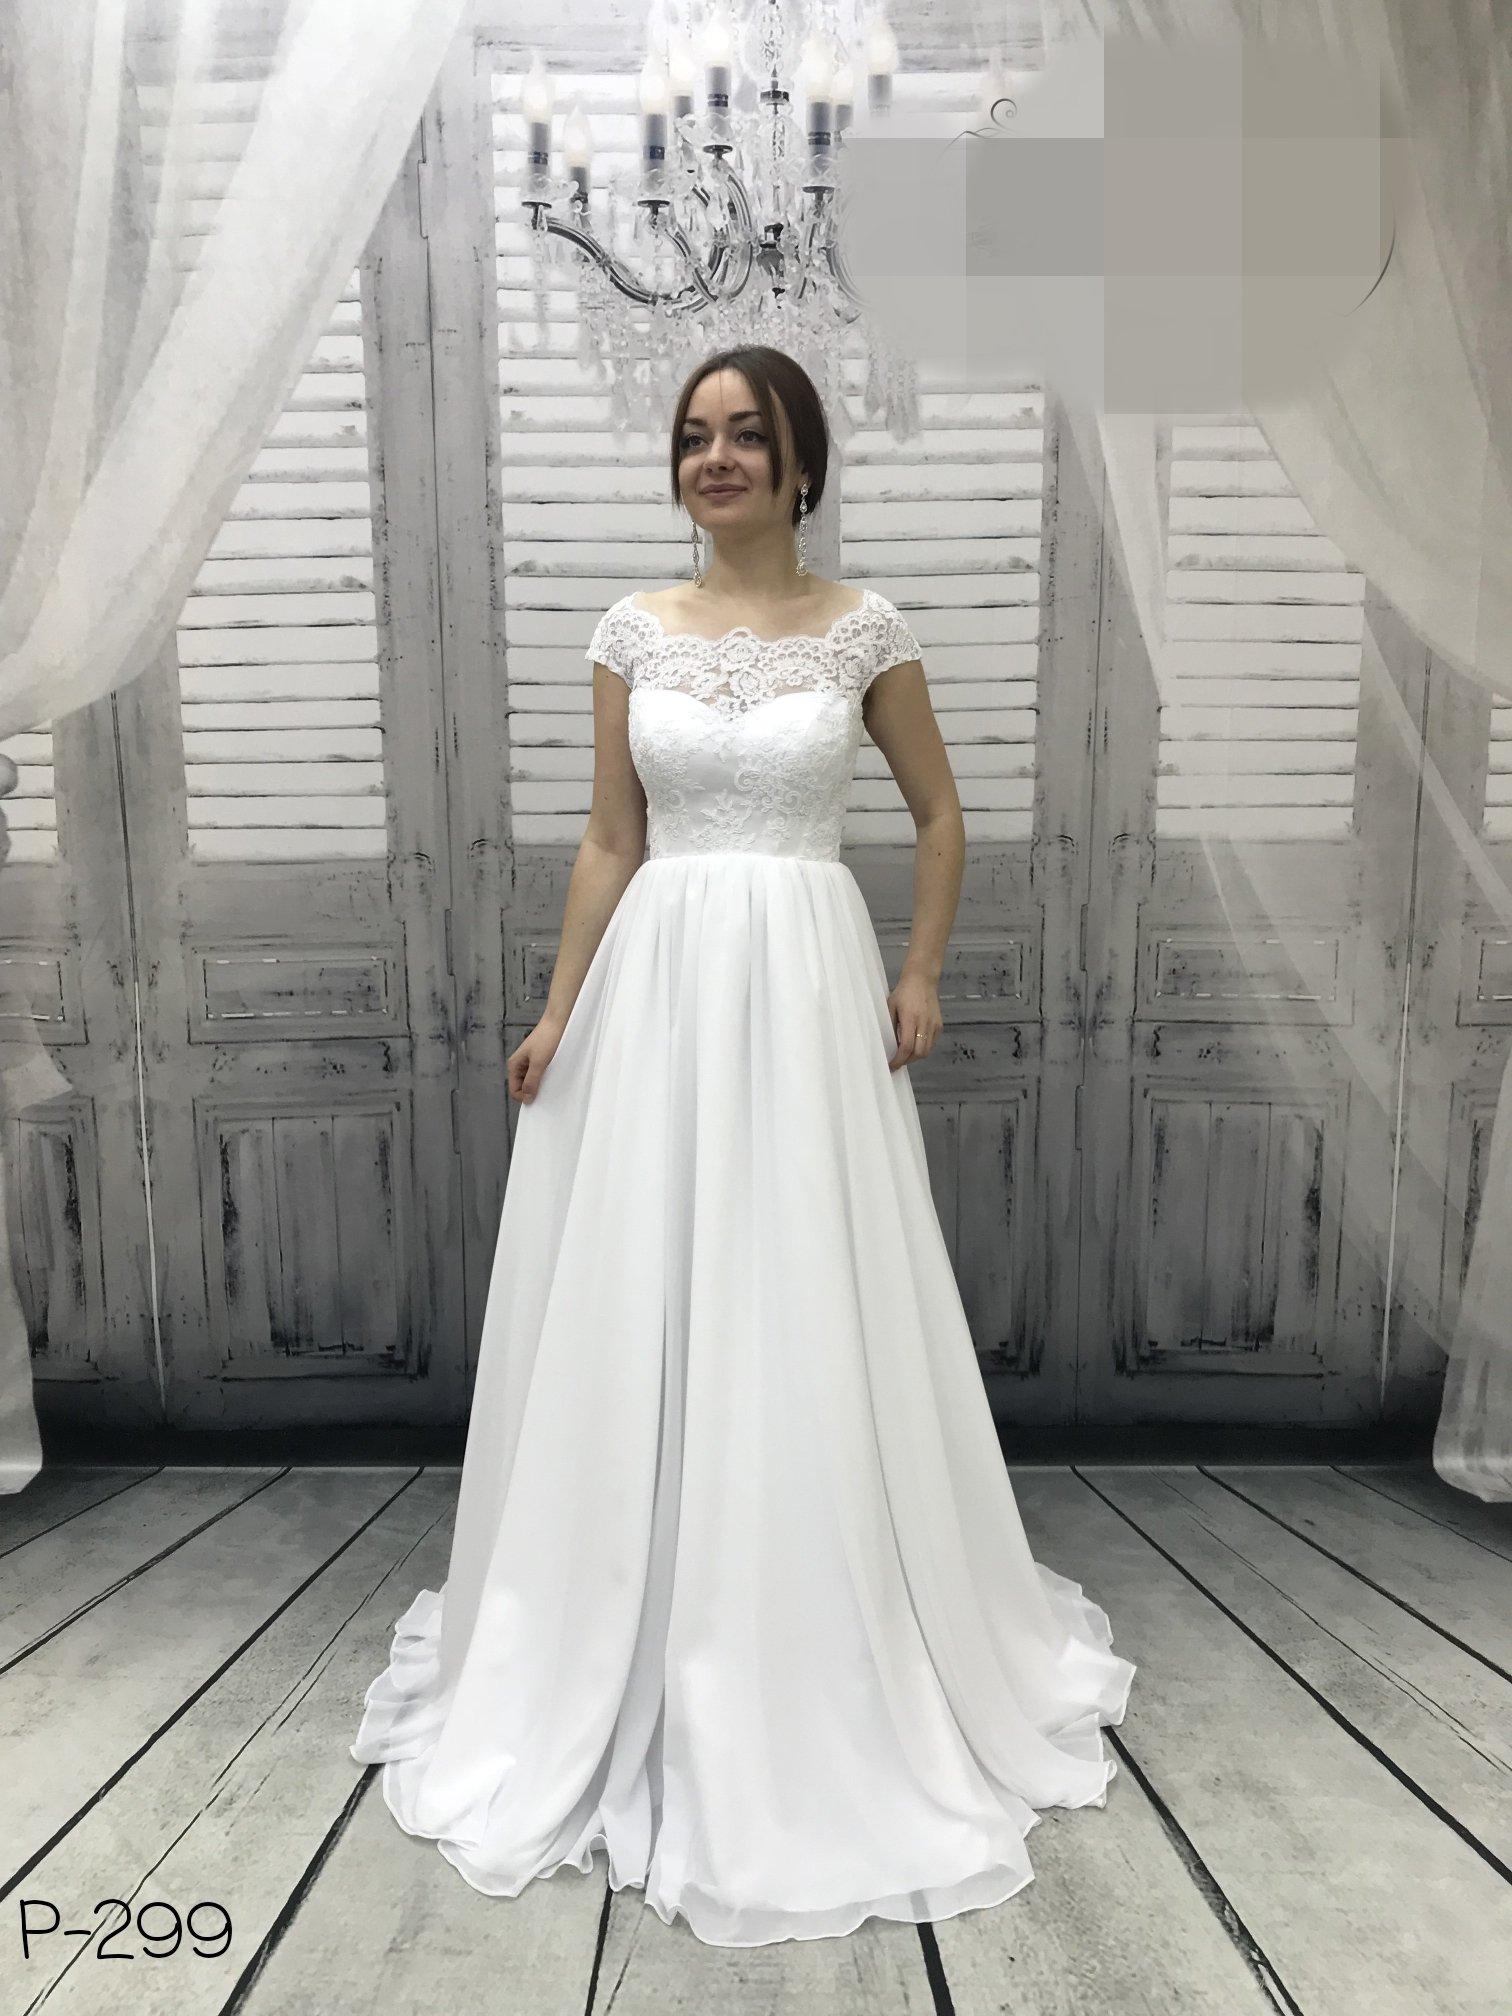 Nowa Suknia ślubna Zwiewna Muślinowa Delikatna 7292299441